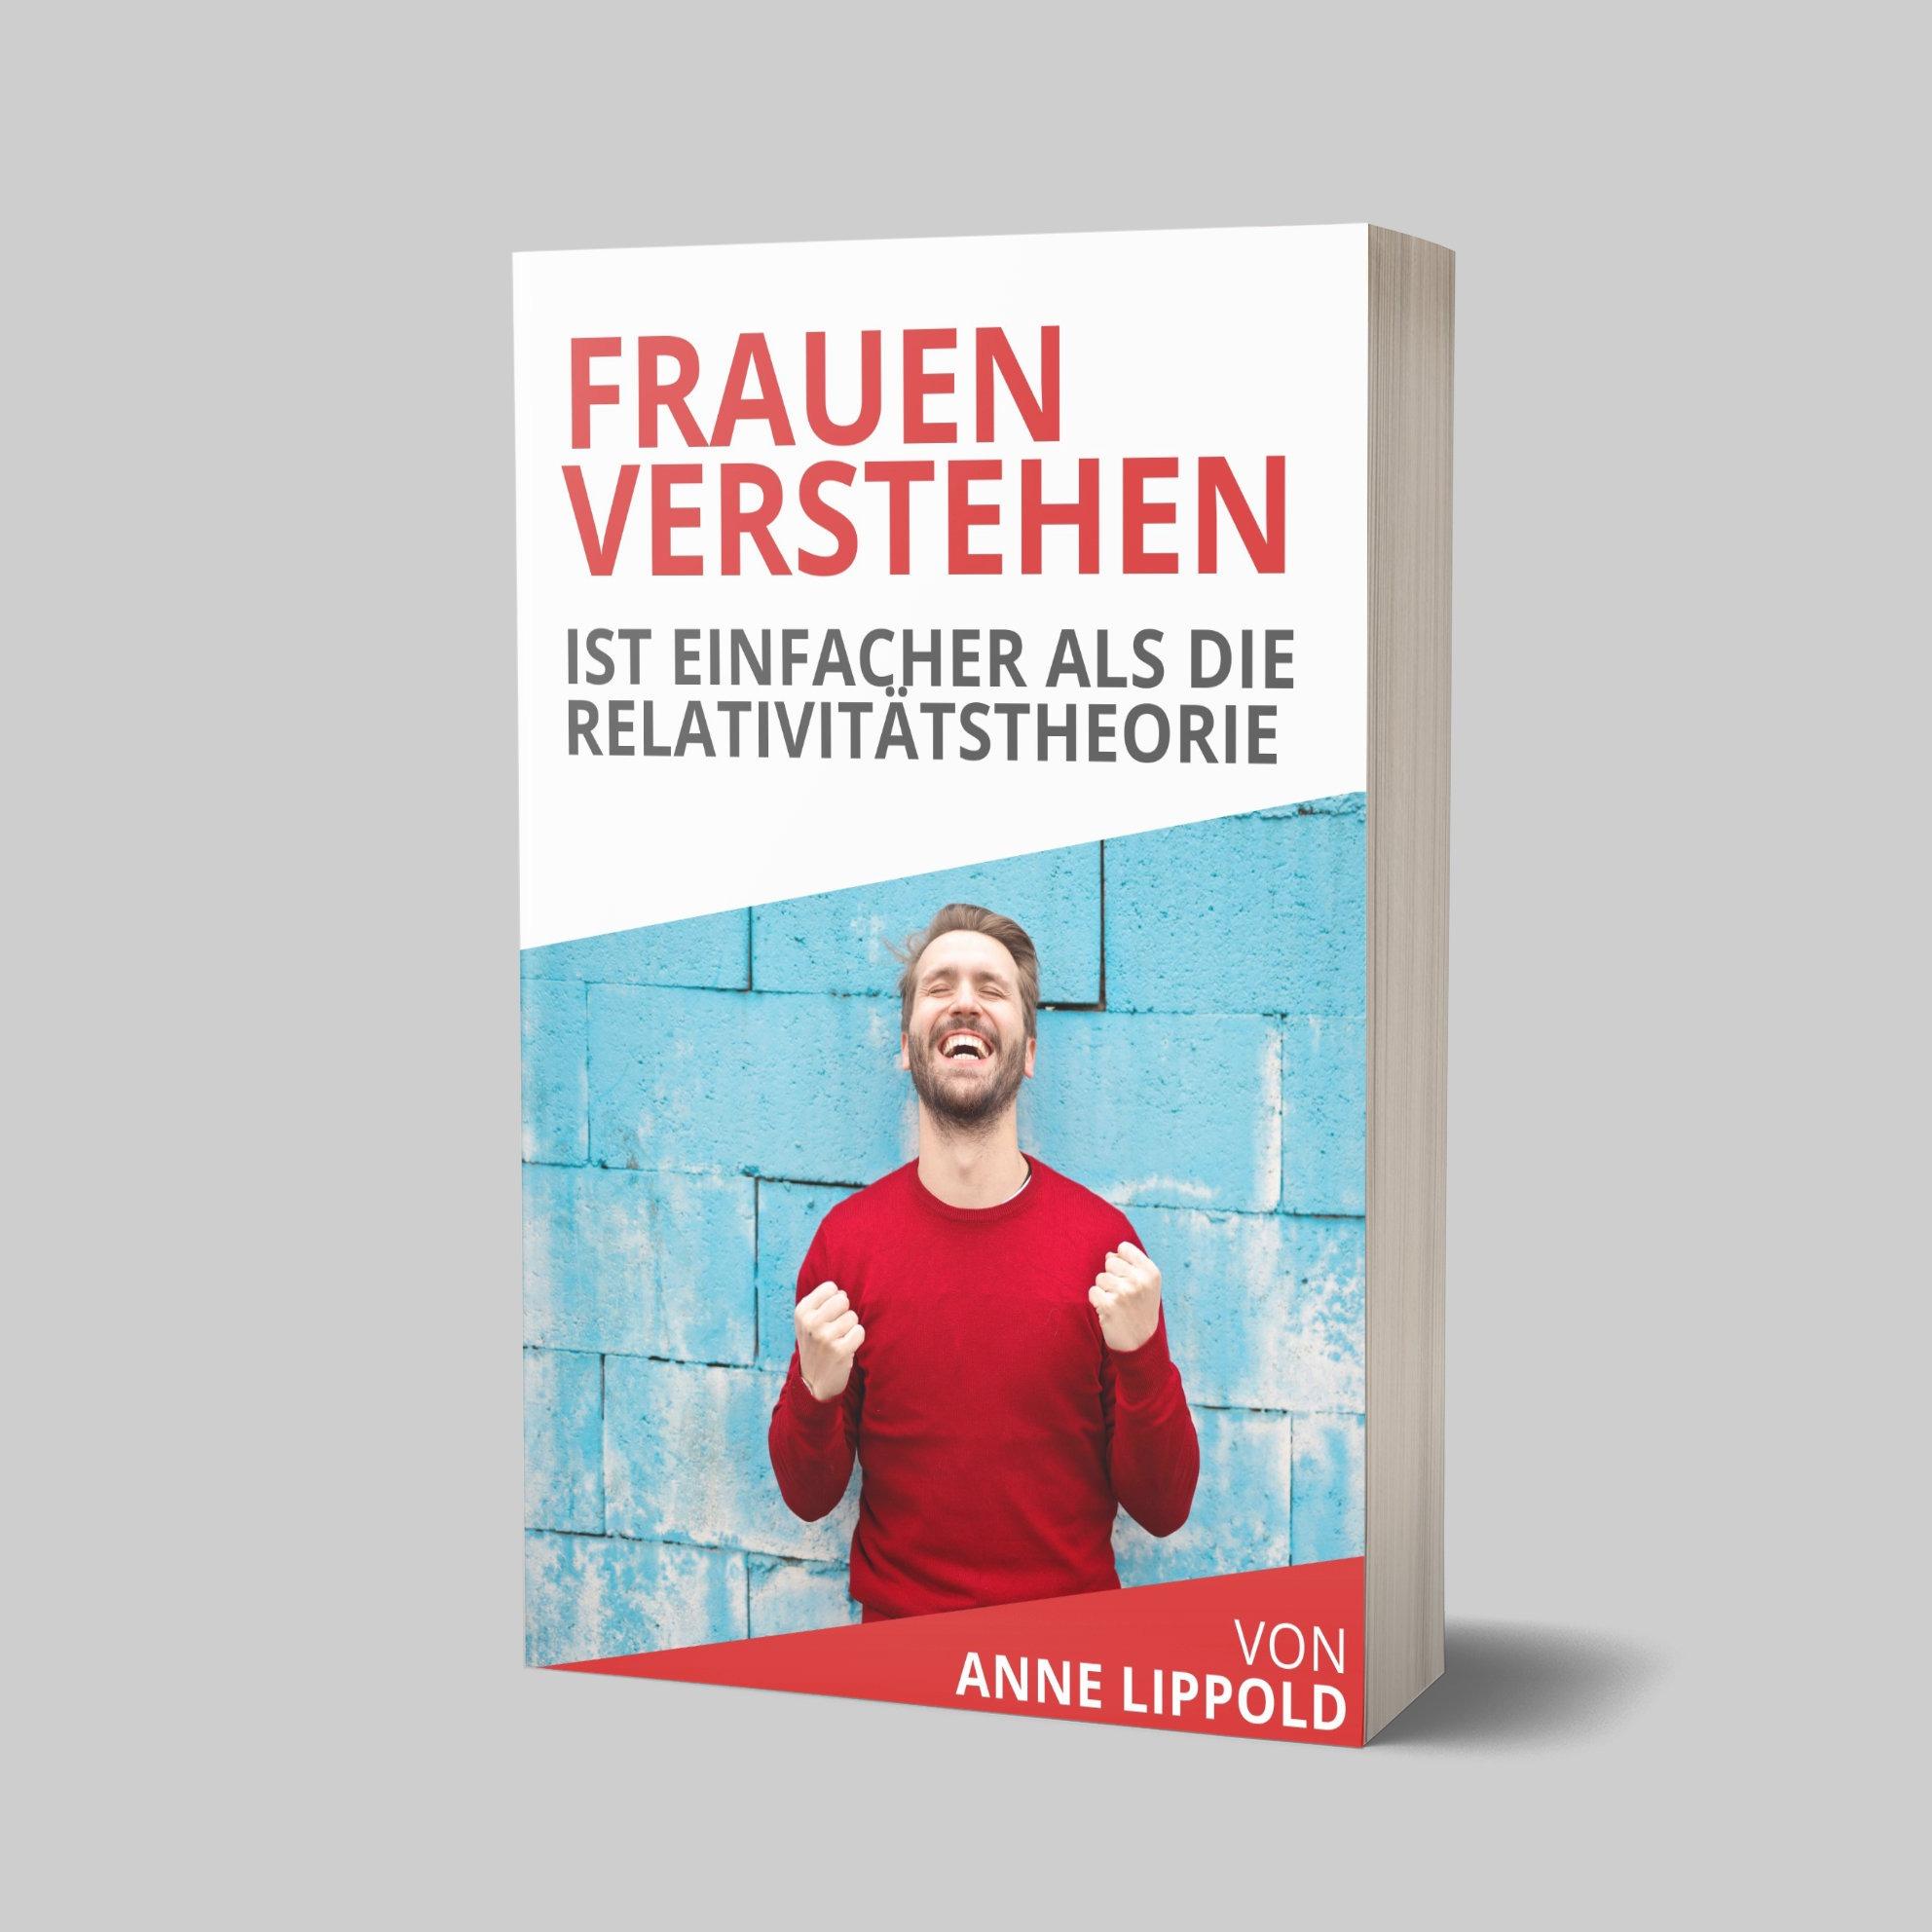 Fraulichkeit Frauen verstehen Buch als PDF für Männer, Bedienungsanleitung, wie ticken Frauen